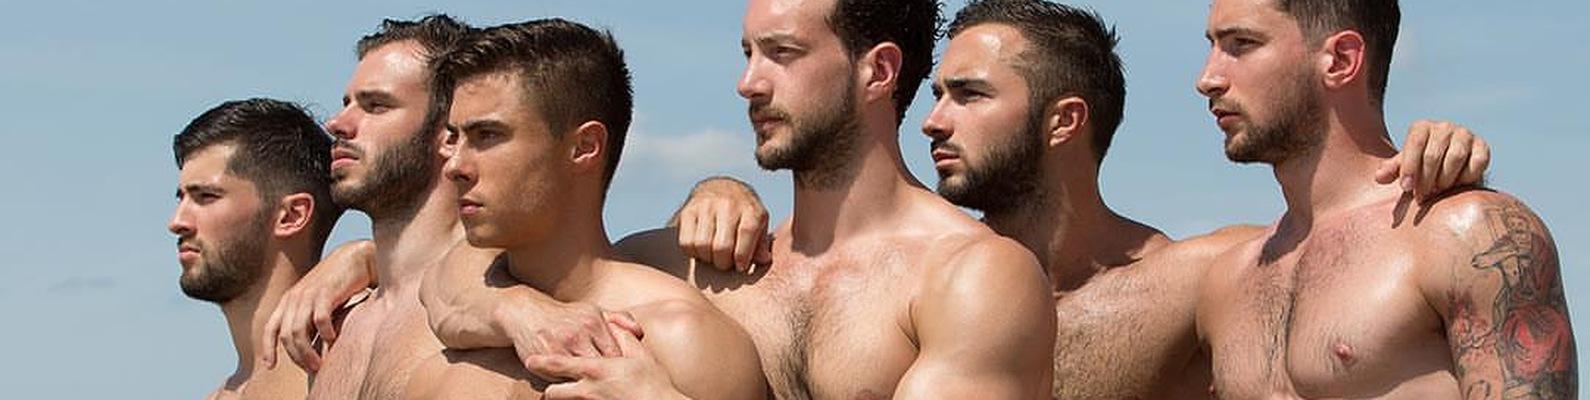 натурал трахает русского парня гей